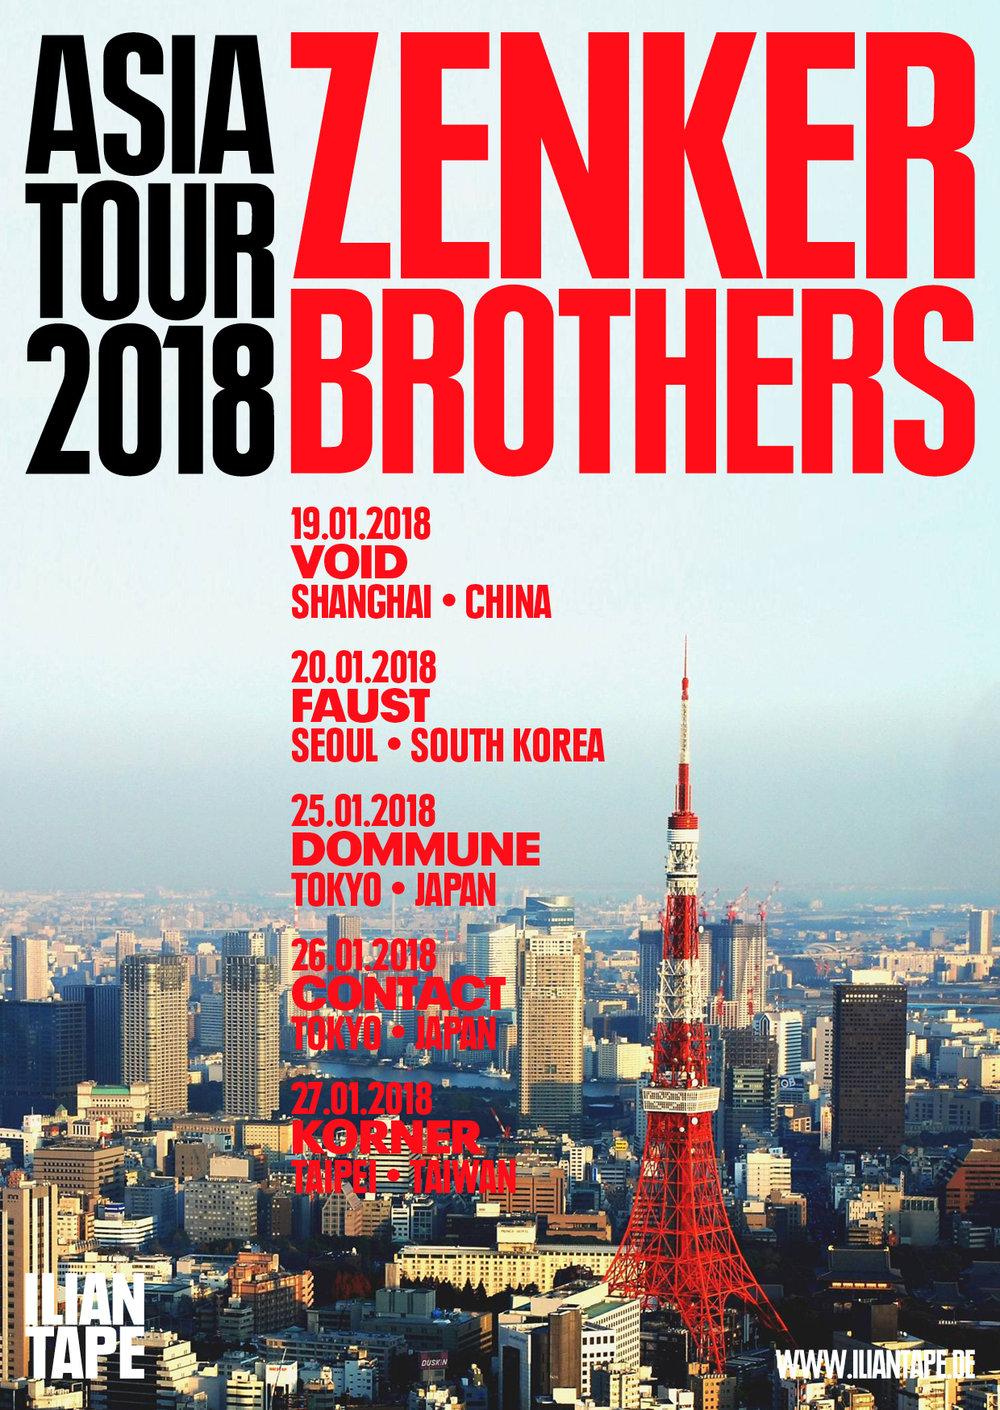 ZenkerBrothers-Asia-Flyer.jpg